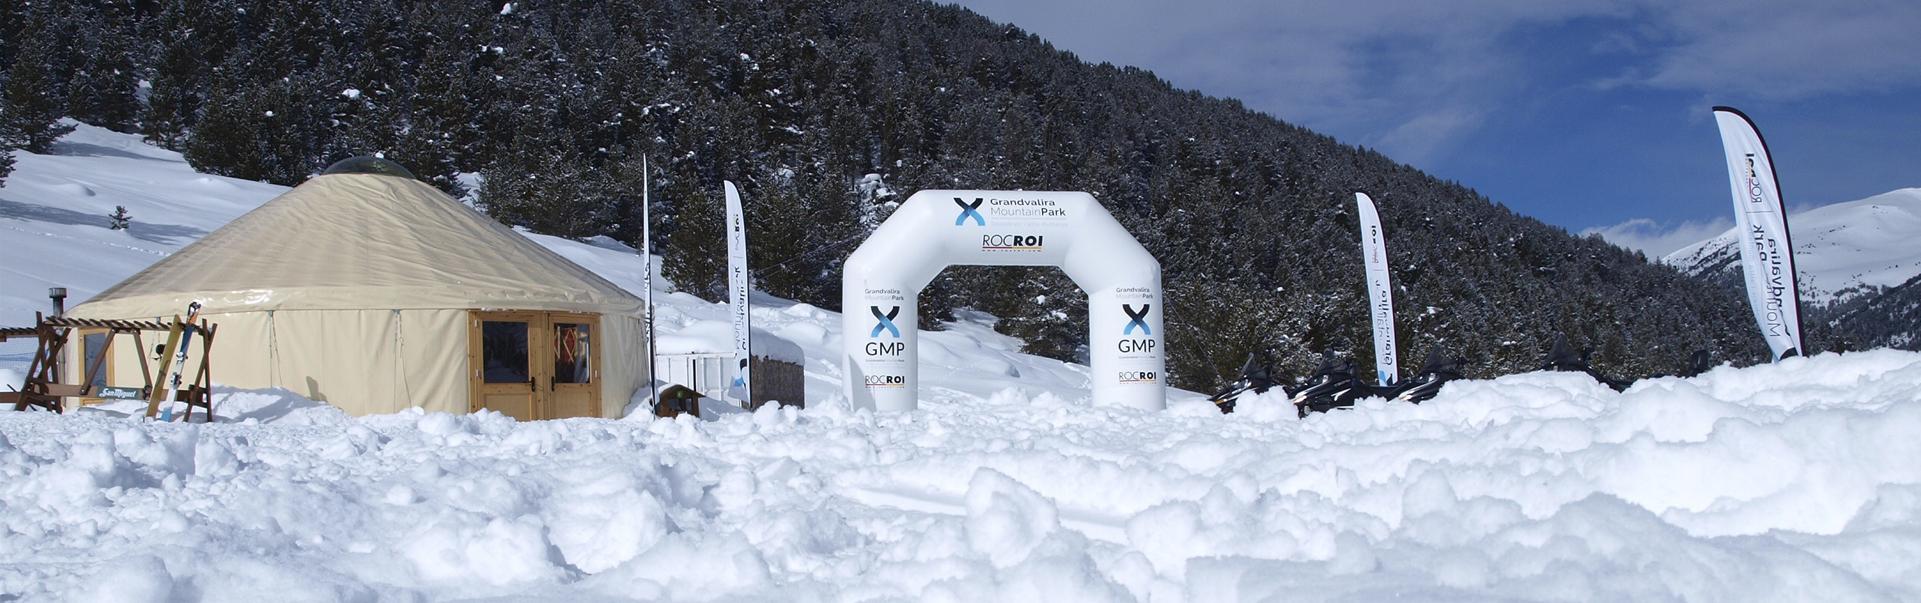 Temporada Andorra 2016